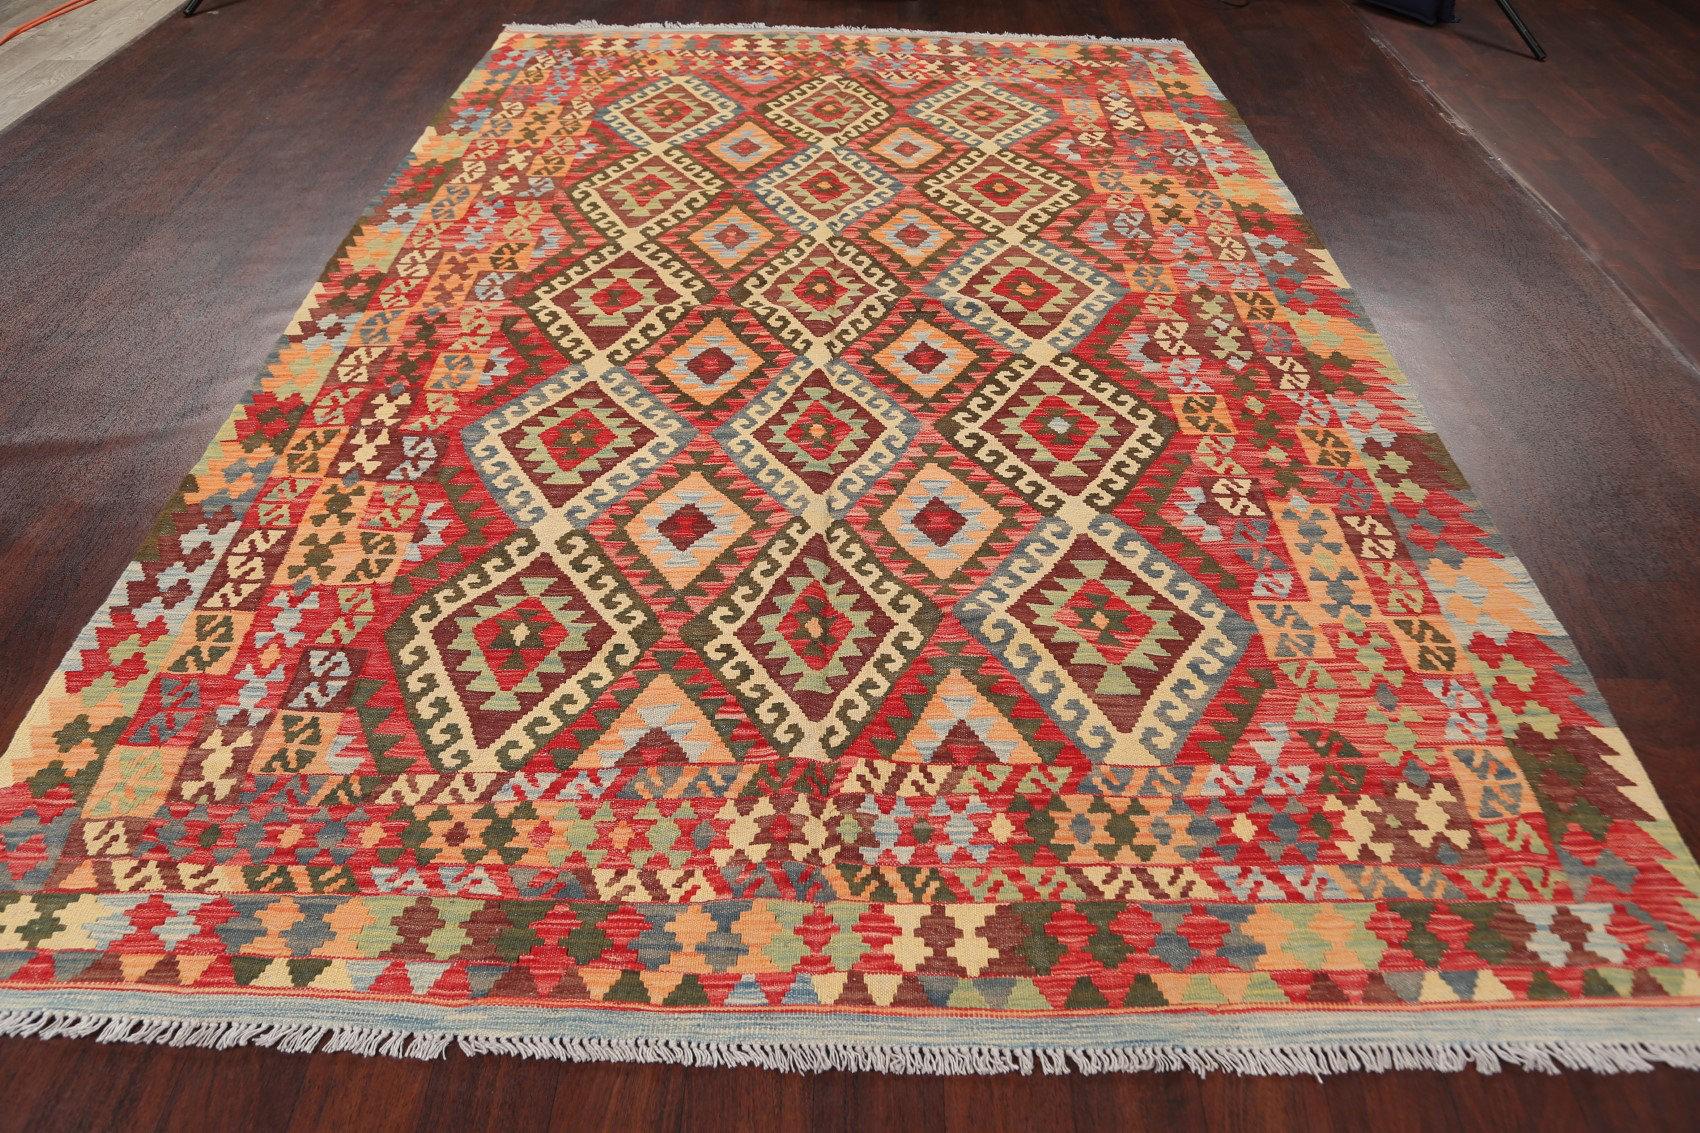 Rugsource Oriental Handmade Kilim Wool Orange Beige Area Rug Wayfair